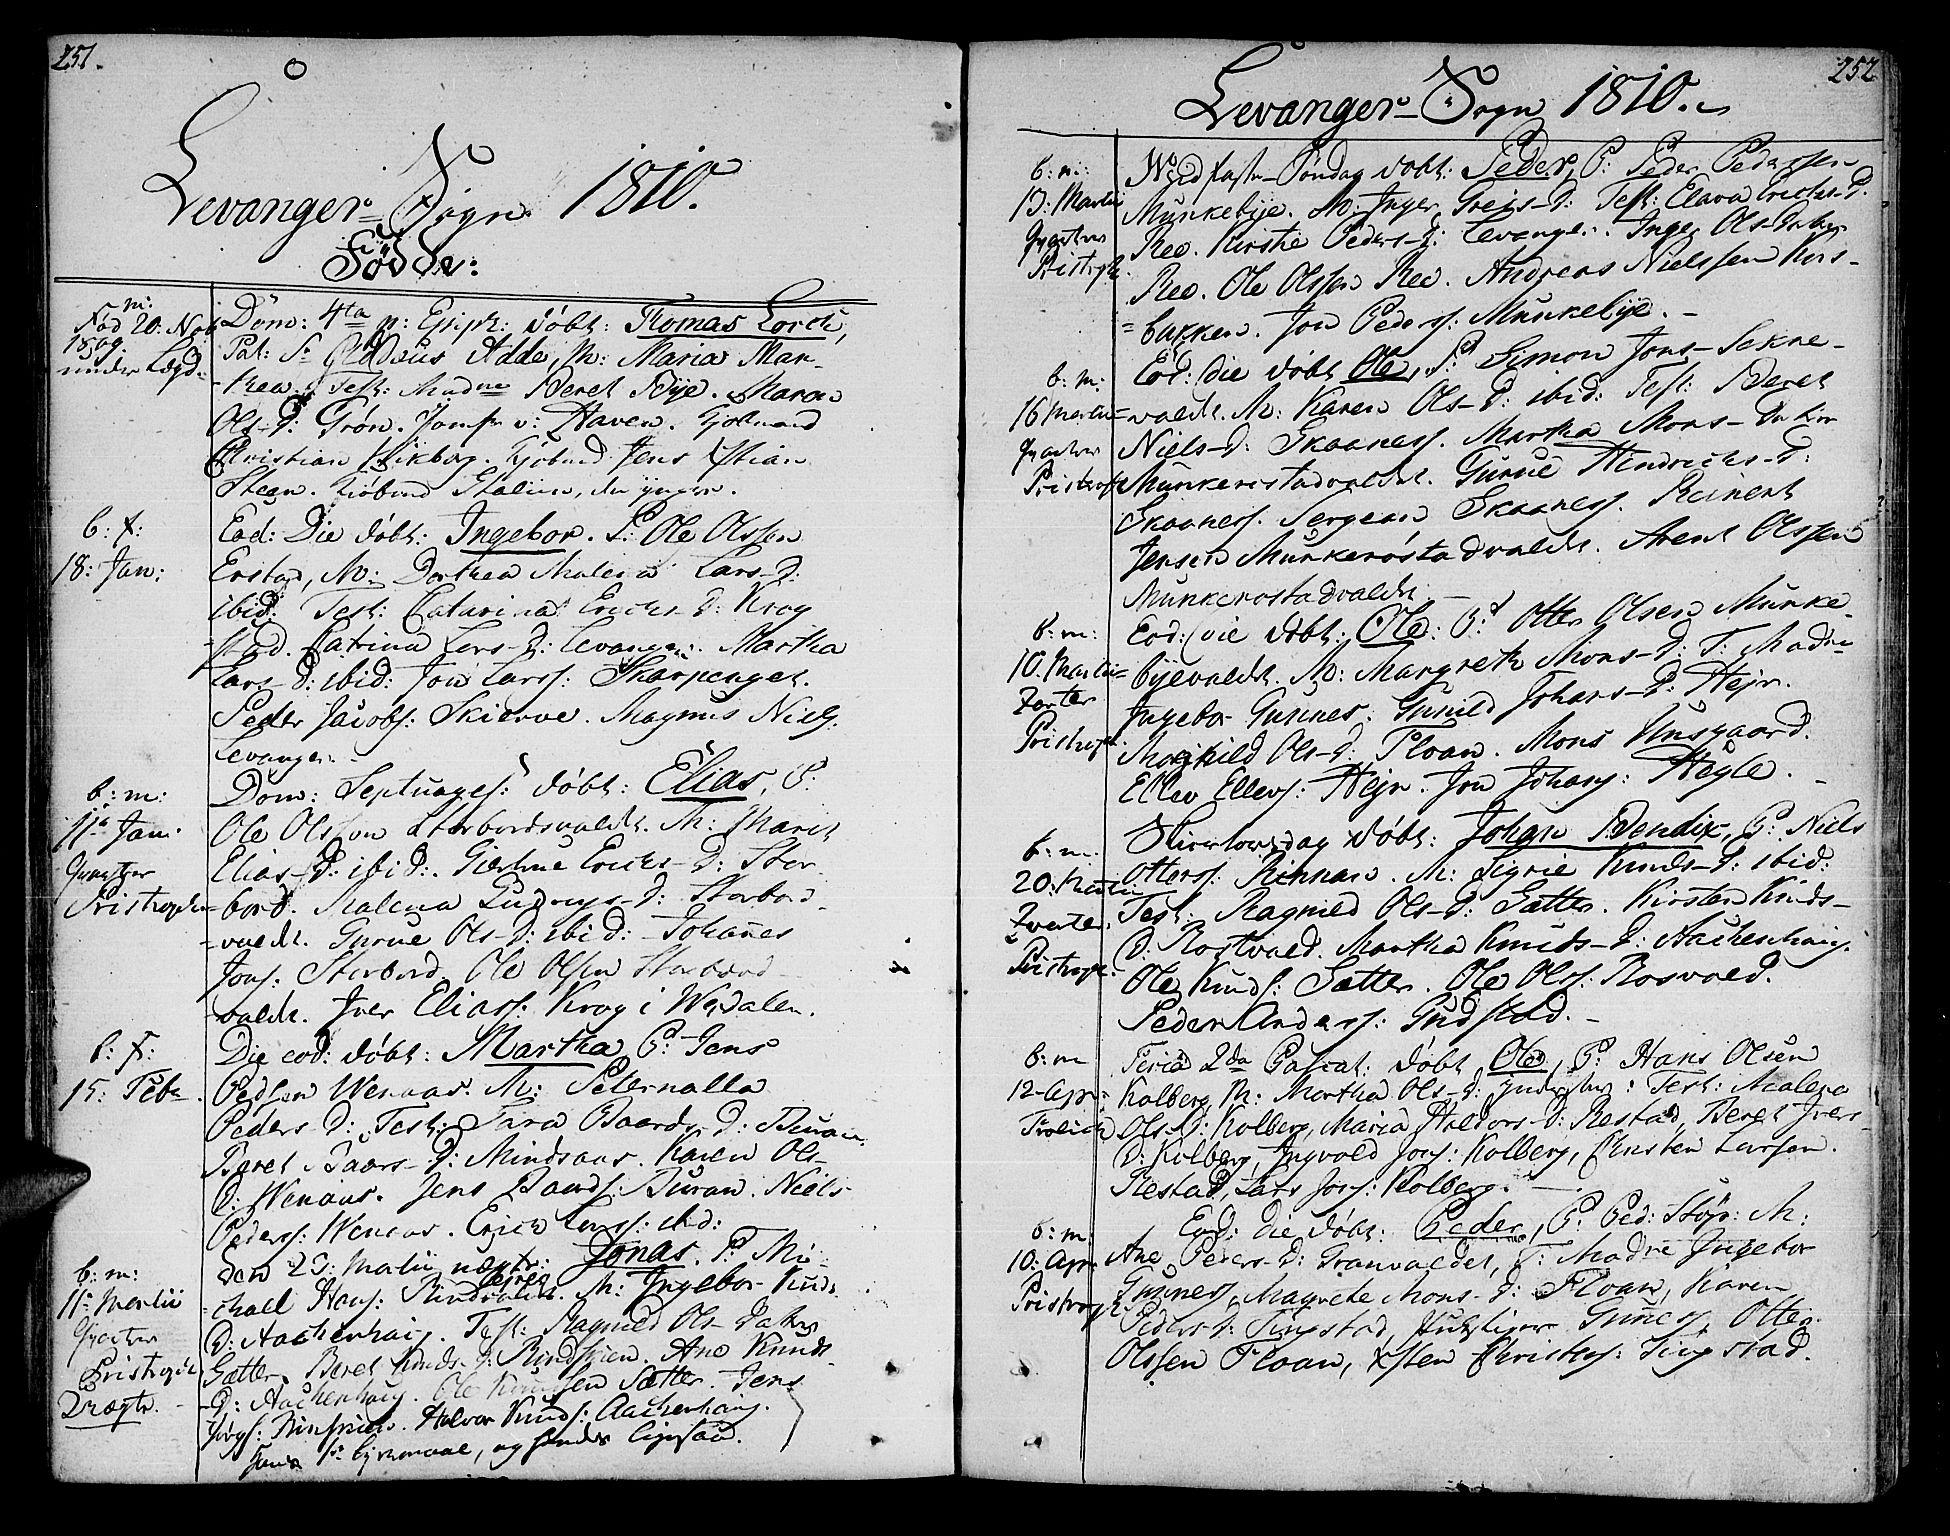 SAT, Ministerialprotokoller, klokkerbøker og fødselsregistre - Nord-Trøndelag, 717/L0145: Ministerialbok nr. 717A03 /3, 1810-1815, s. 251-252